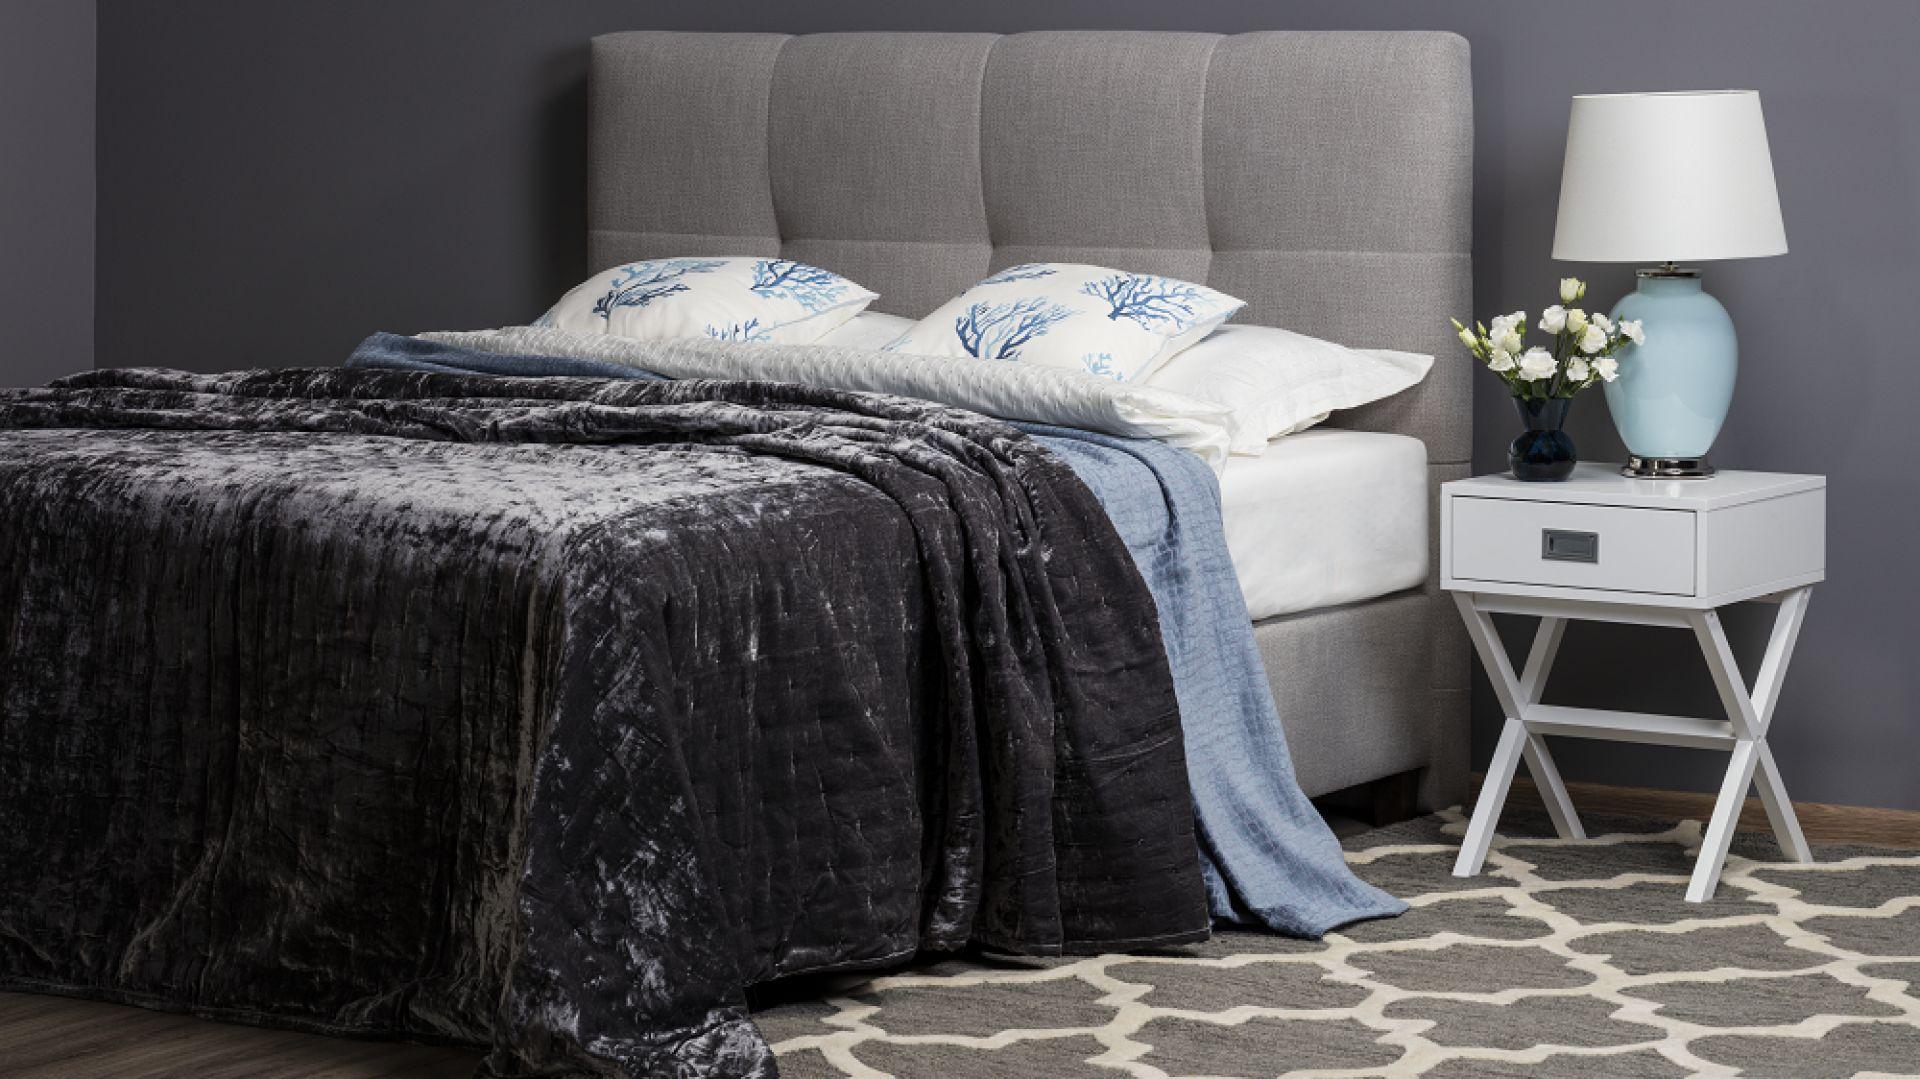 Łóżko kontynentalne Isabel marki Comforteo. Fot. Comforteo